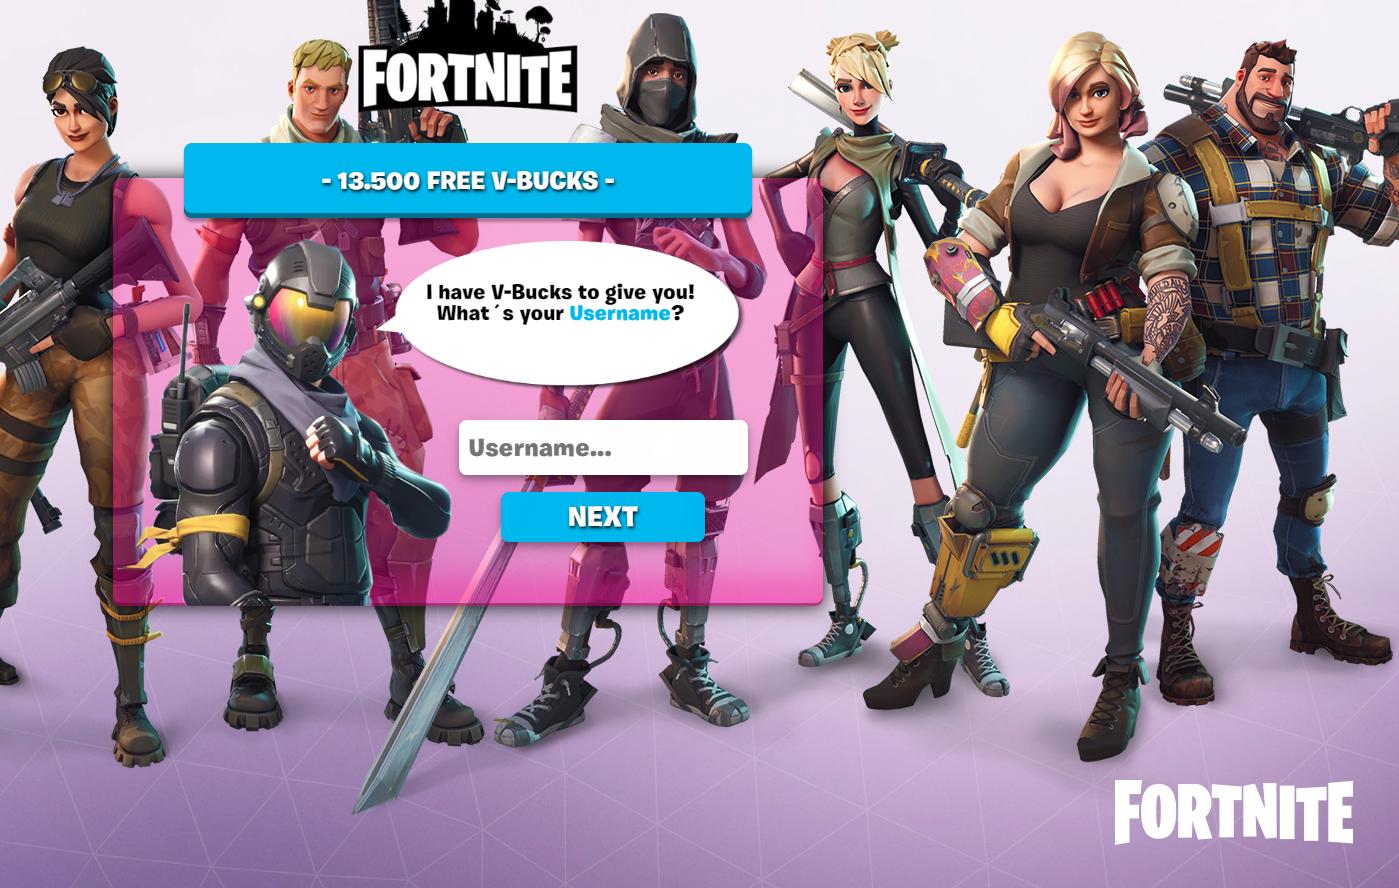 fortnite free v bucks scam how to spot fake websites pushing hacks cheats in game money - fortnite missing v bucks